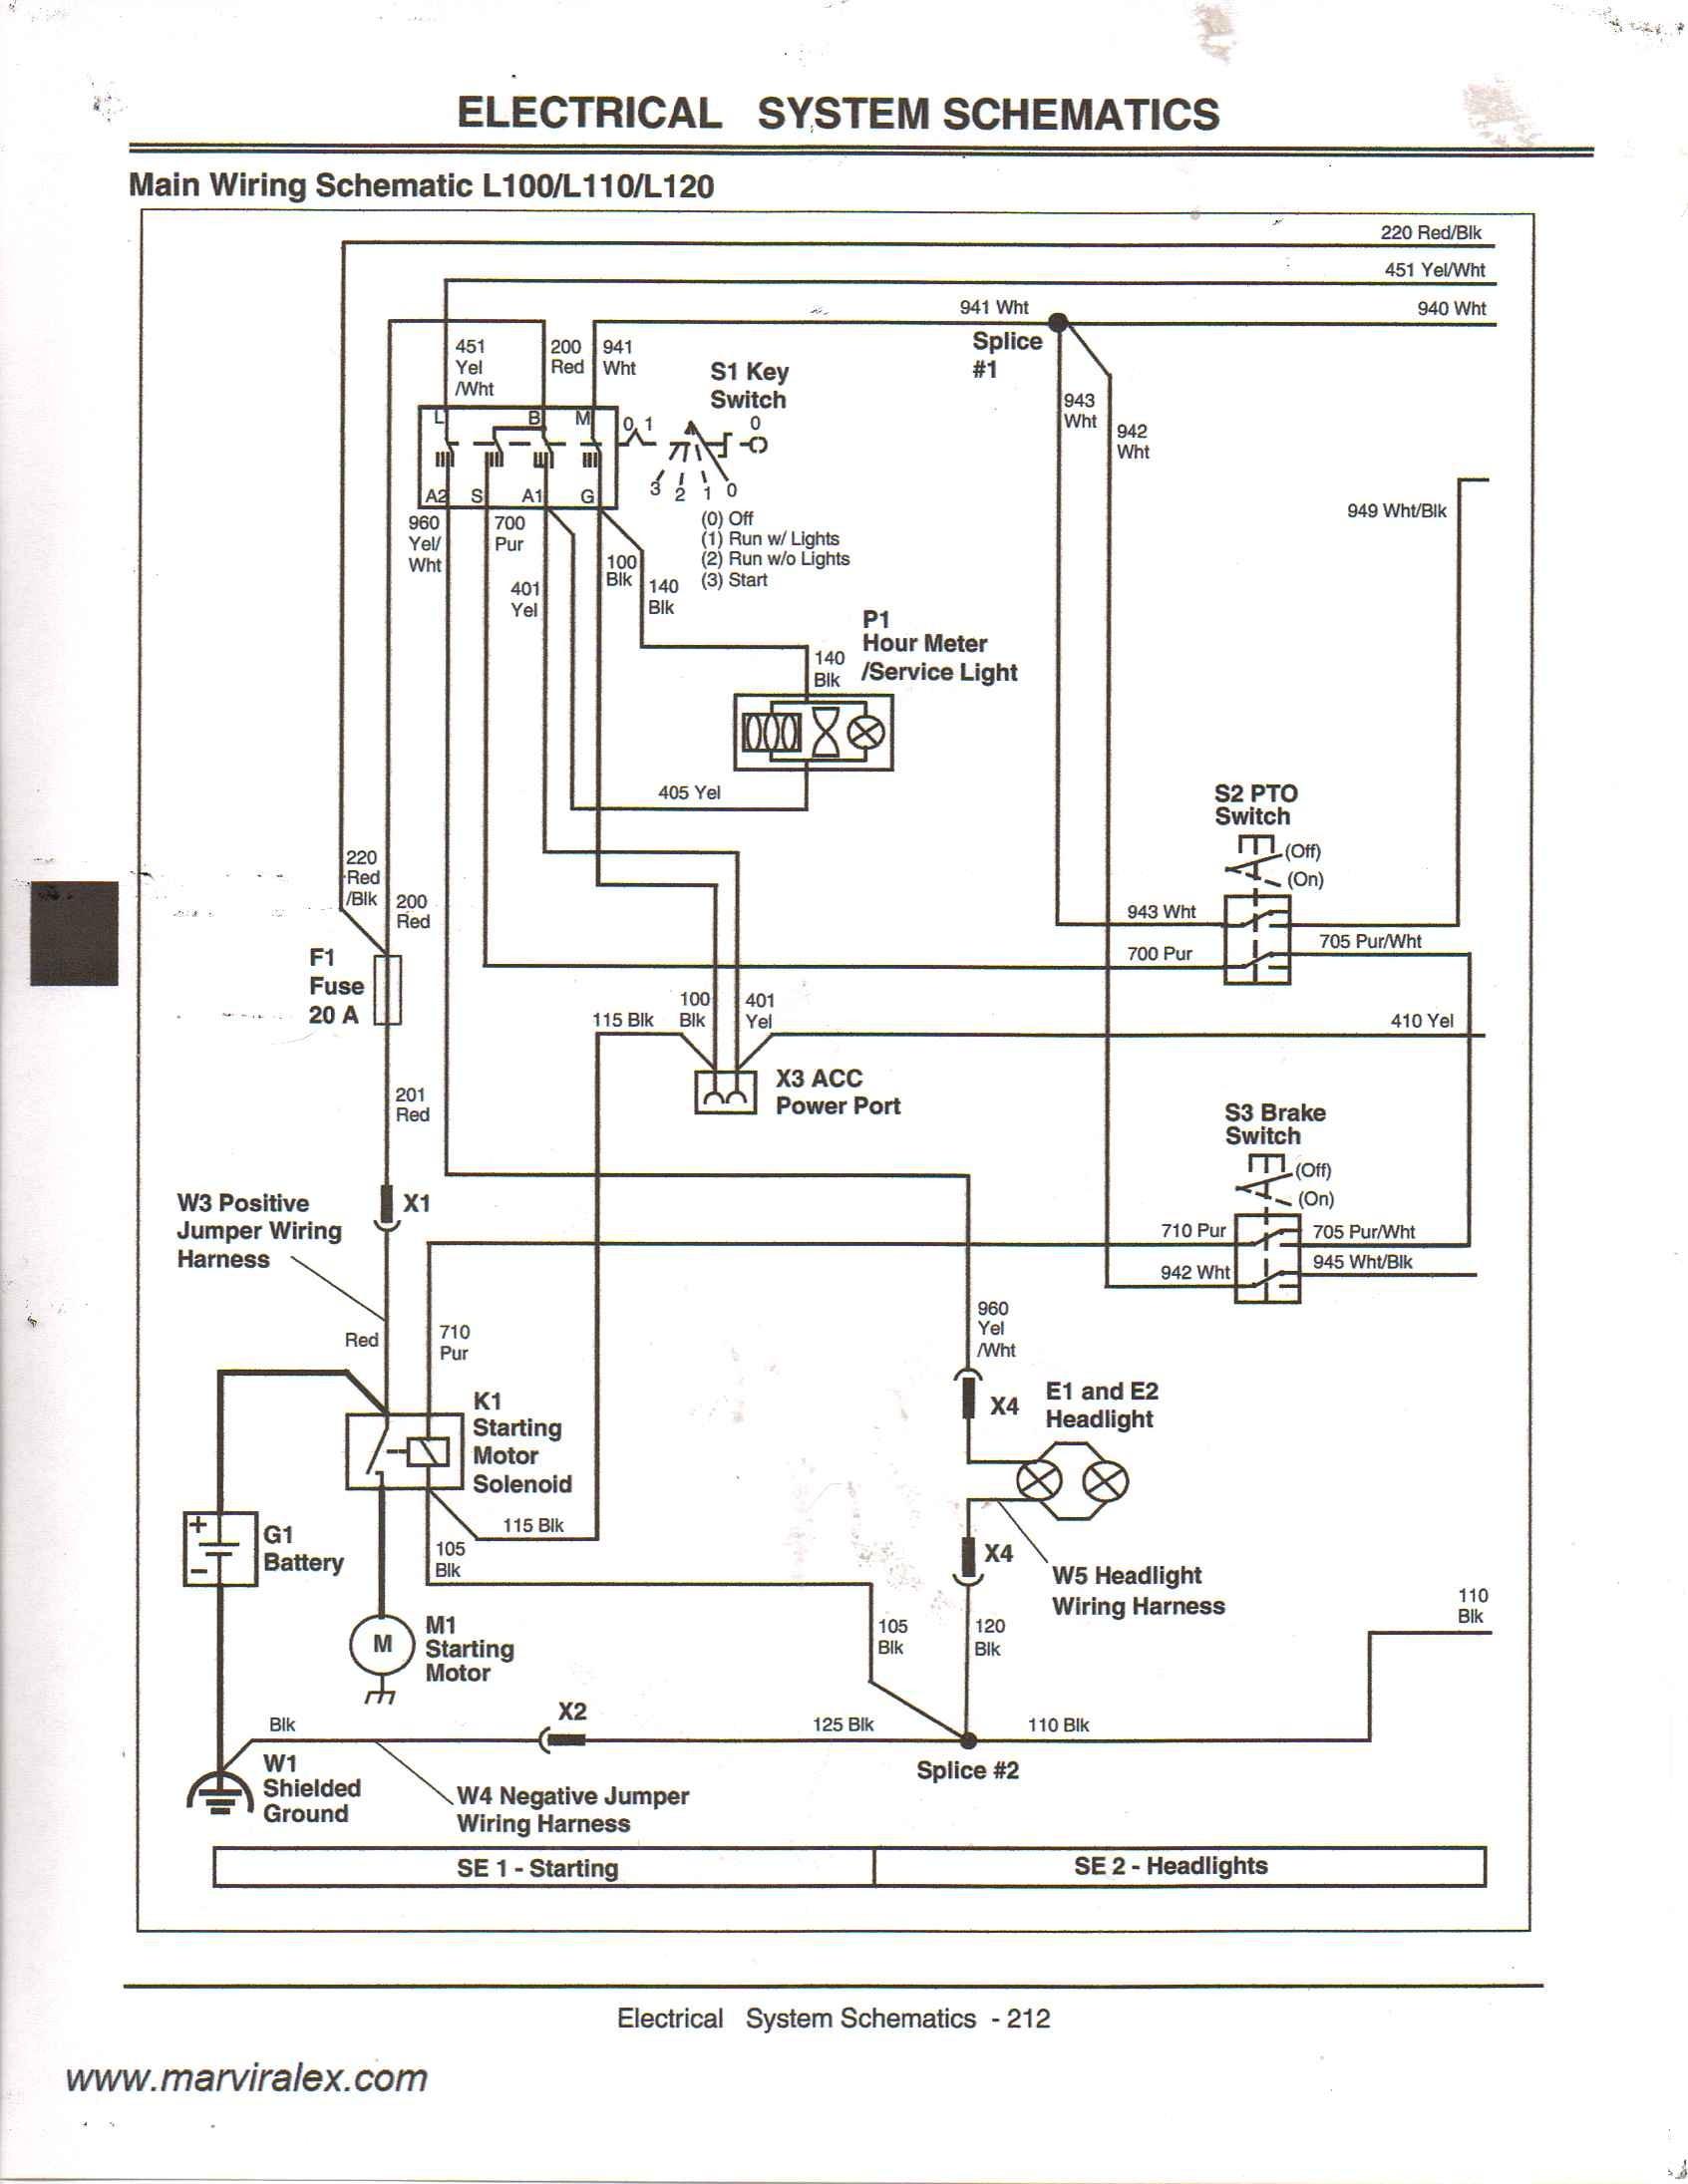 John Deere Gx345 Electrical Diagrams Cb 4290] for John Deere 1050 Tractor Wiring Diagram Of John Deere Gx345 Electrical Diagrams